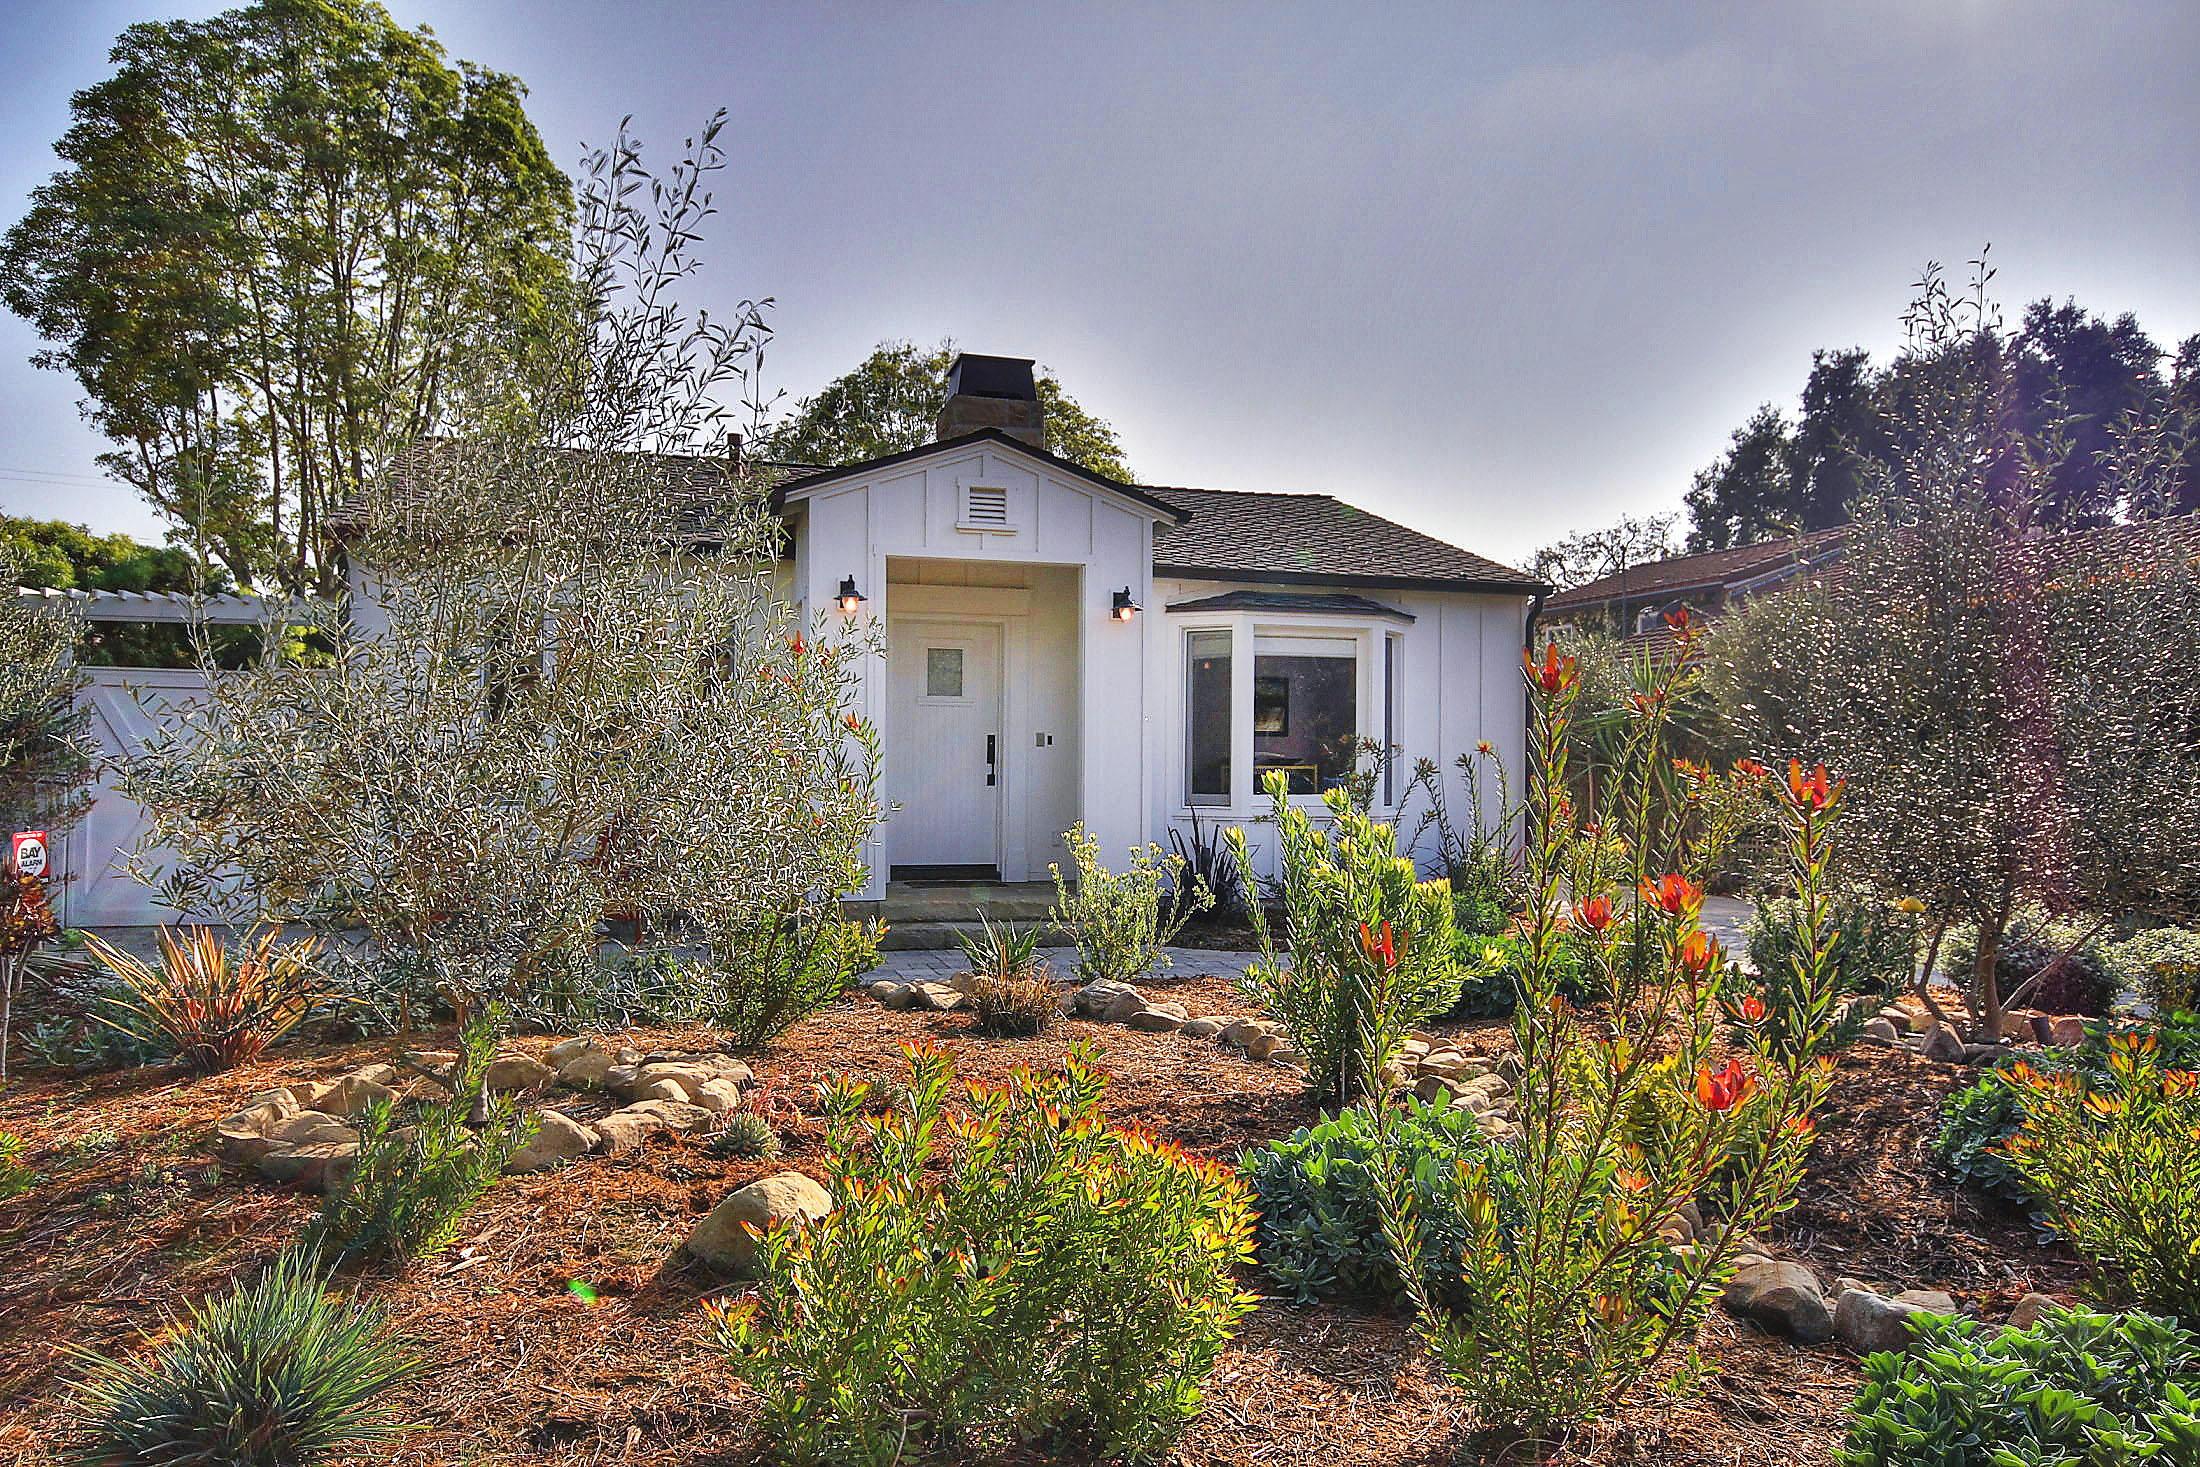 Property photo for 3141 Calle Fresno Santa Barbara, California 93105 - 15-602